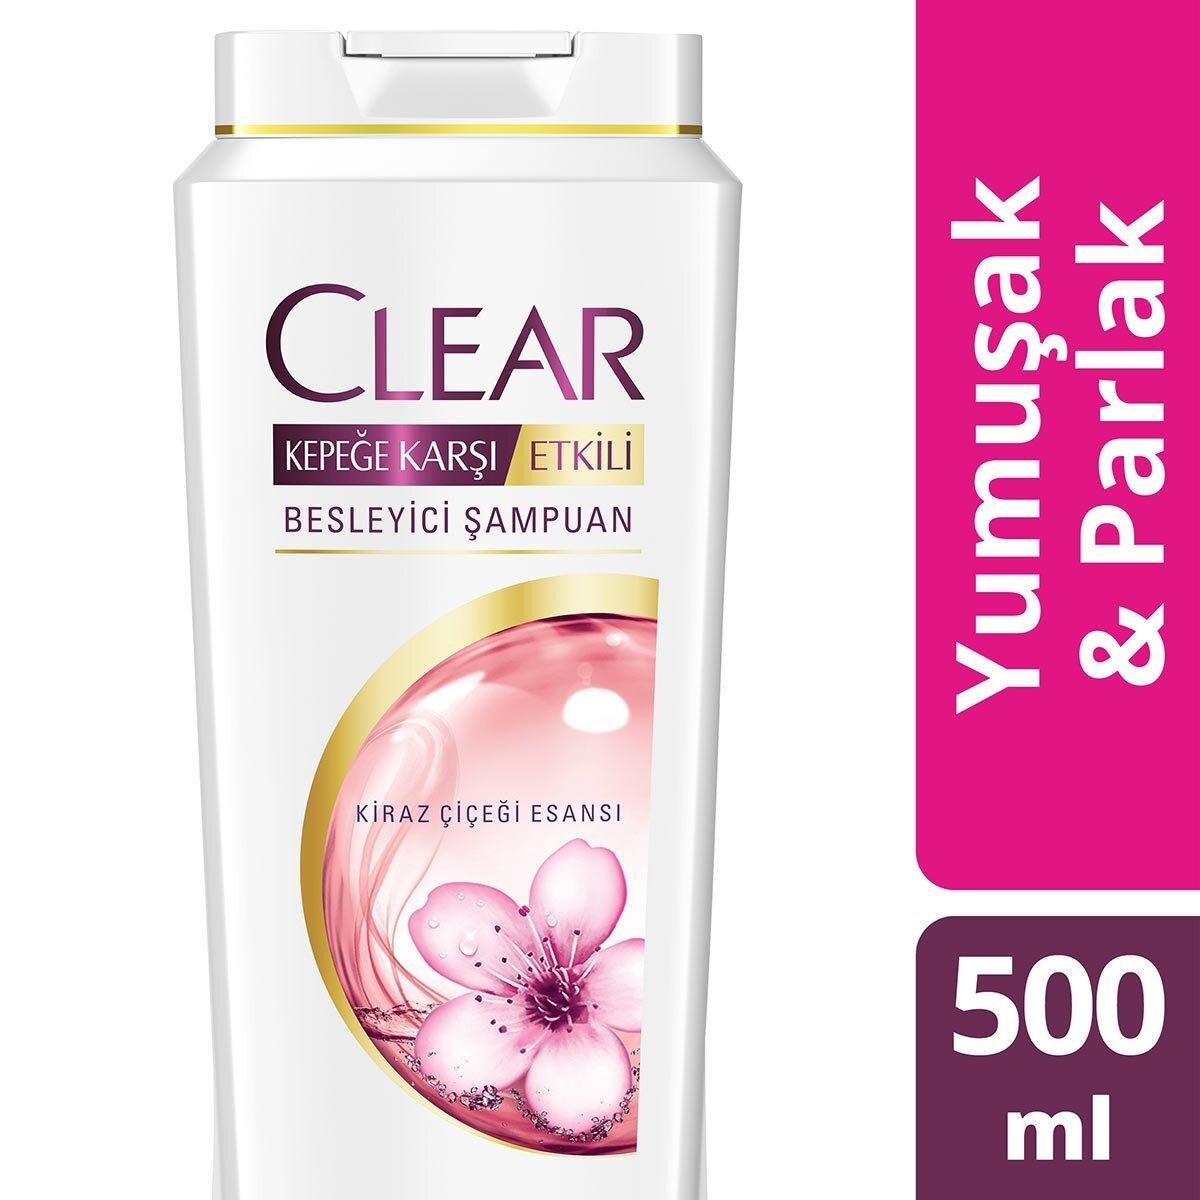 Kiraz Çiçeği Kepeğe Karşı Şampuan 500 ml